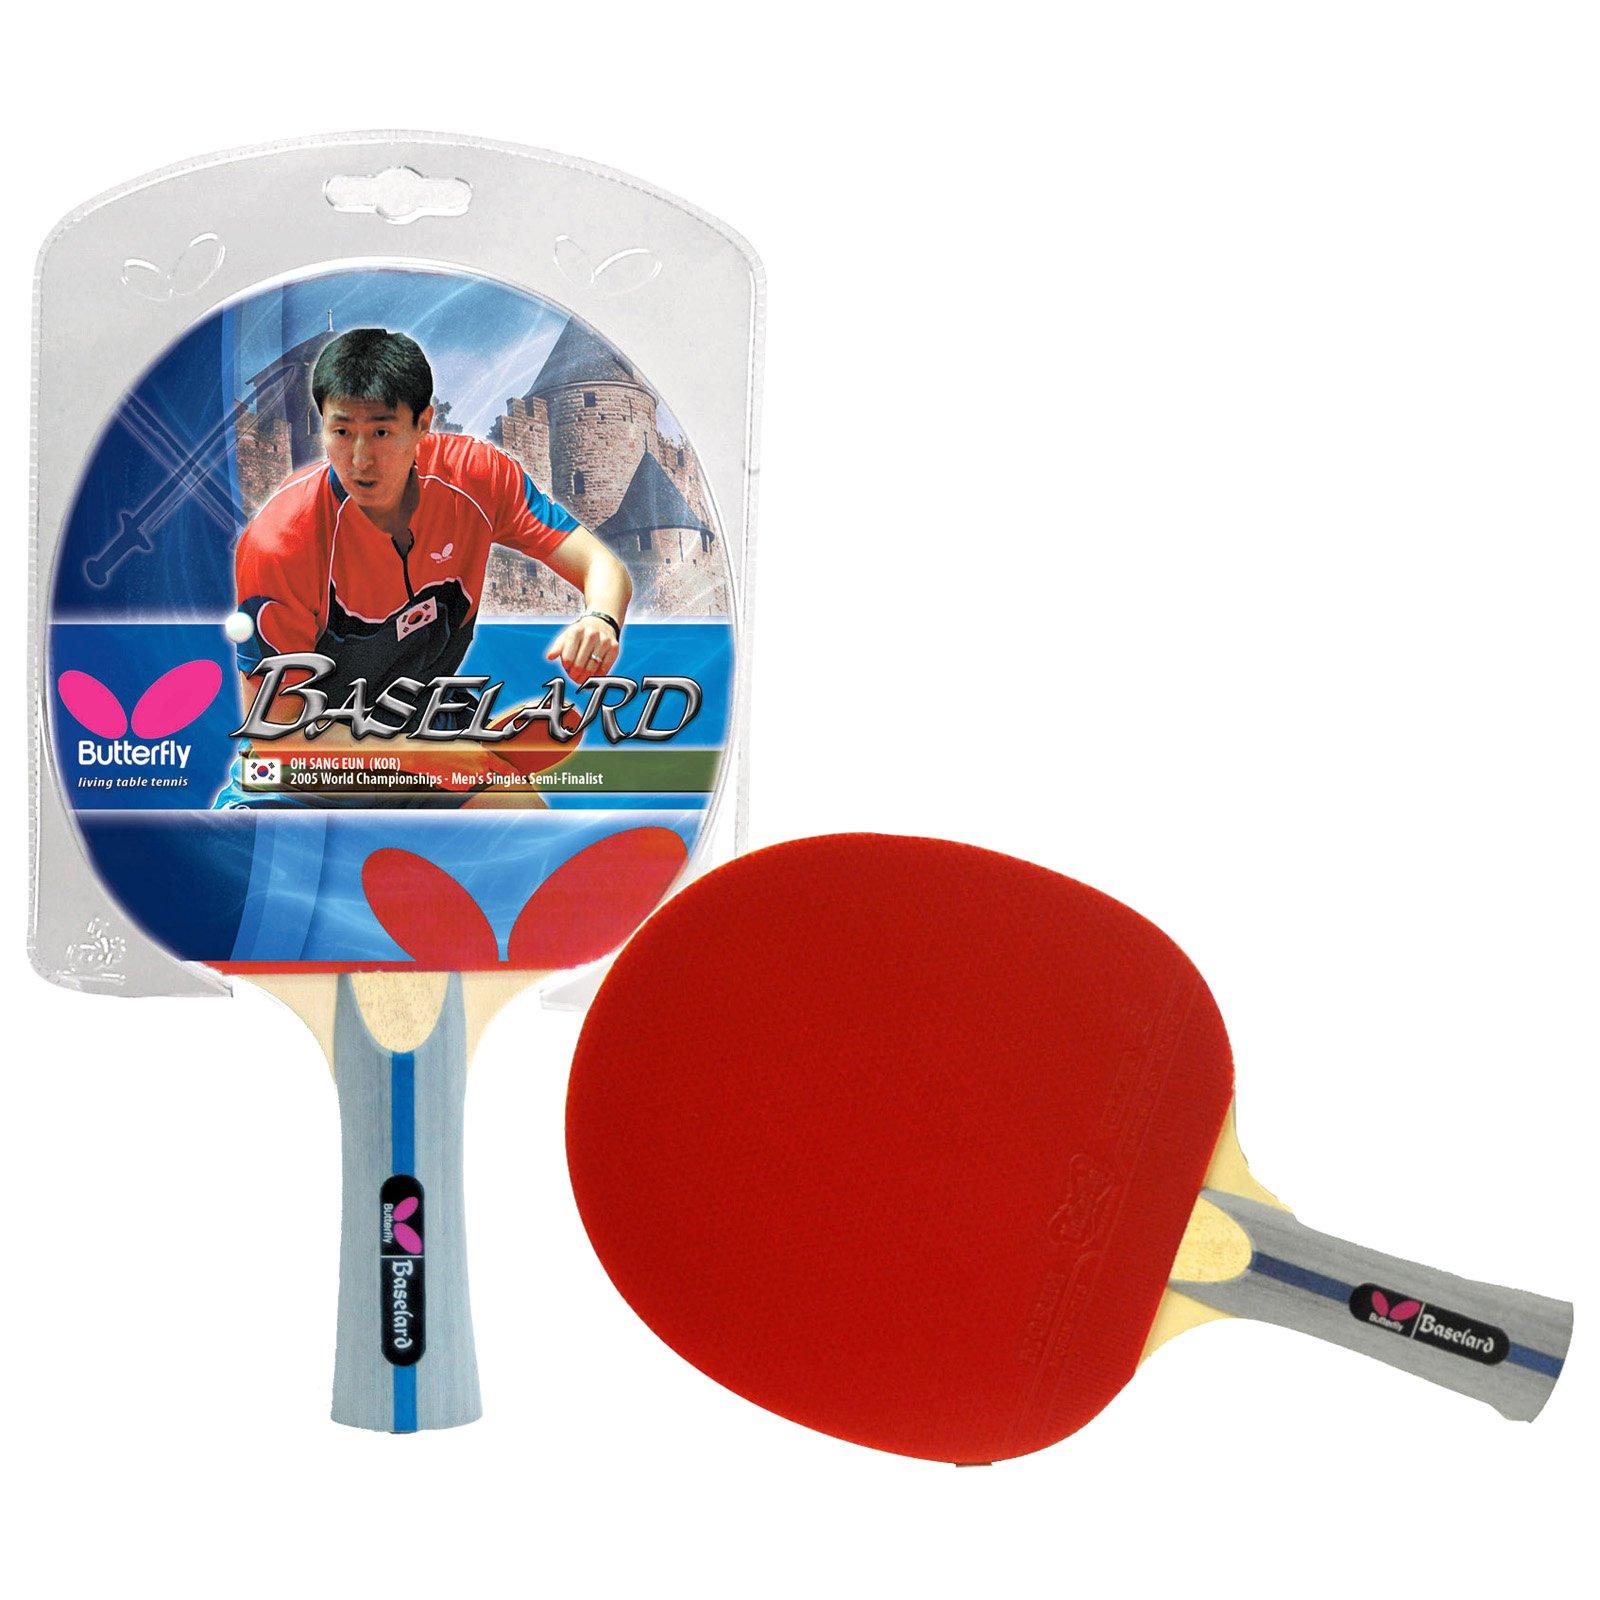 Butterfly Baselard Pre Assembled Table Tennis Beginners Racket